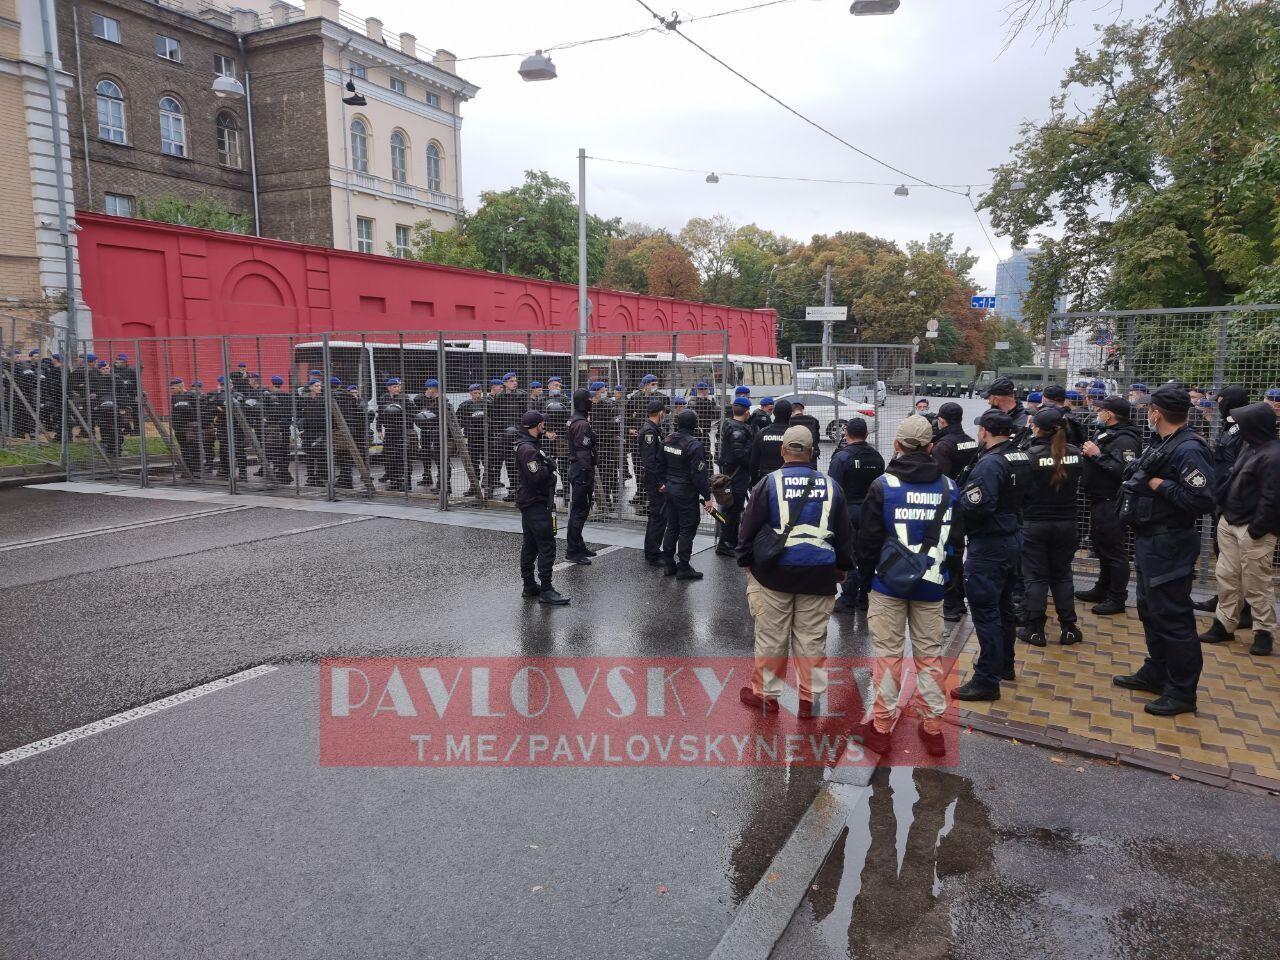 Поліція встановила металеві огорожі